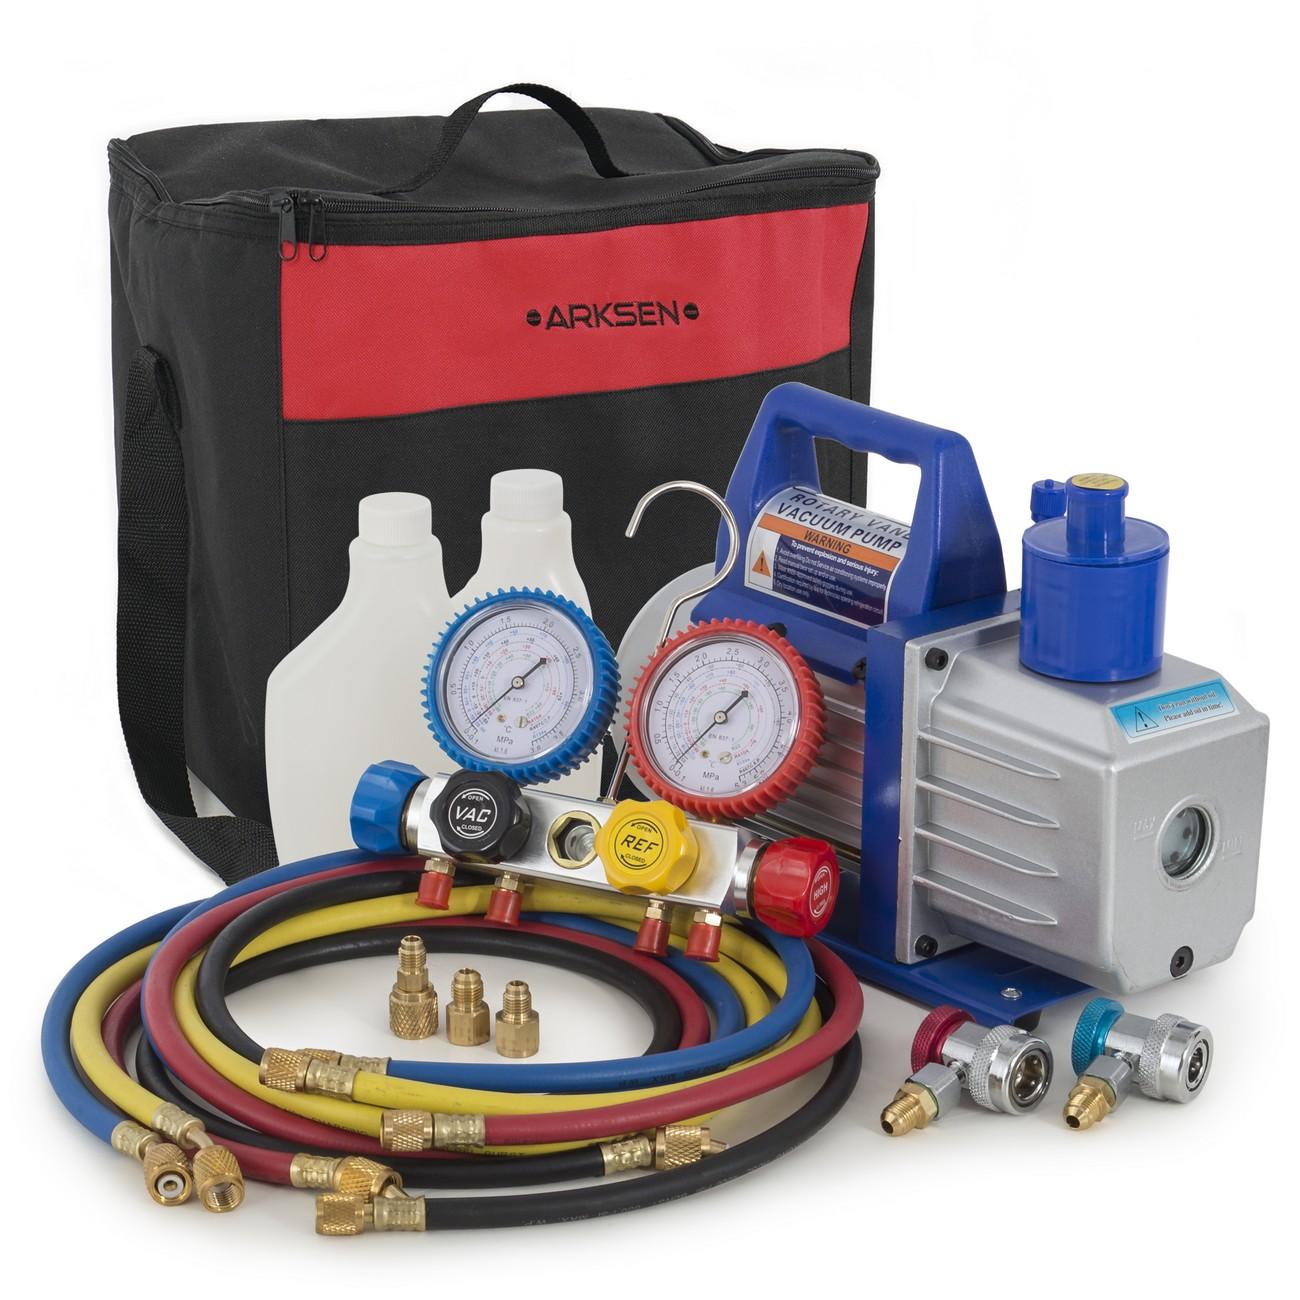 ARKSEN 5CFM Air Vaccum Pump HVAC Refrigeration AC Manifol...